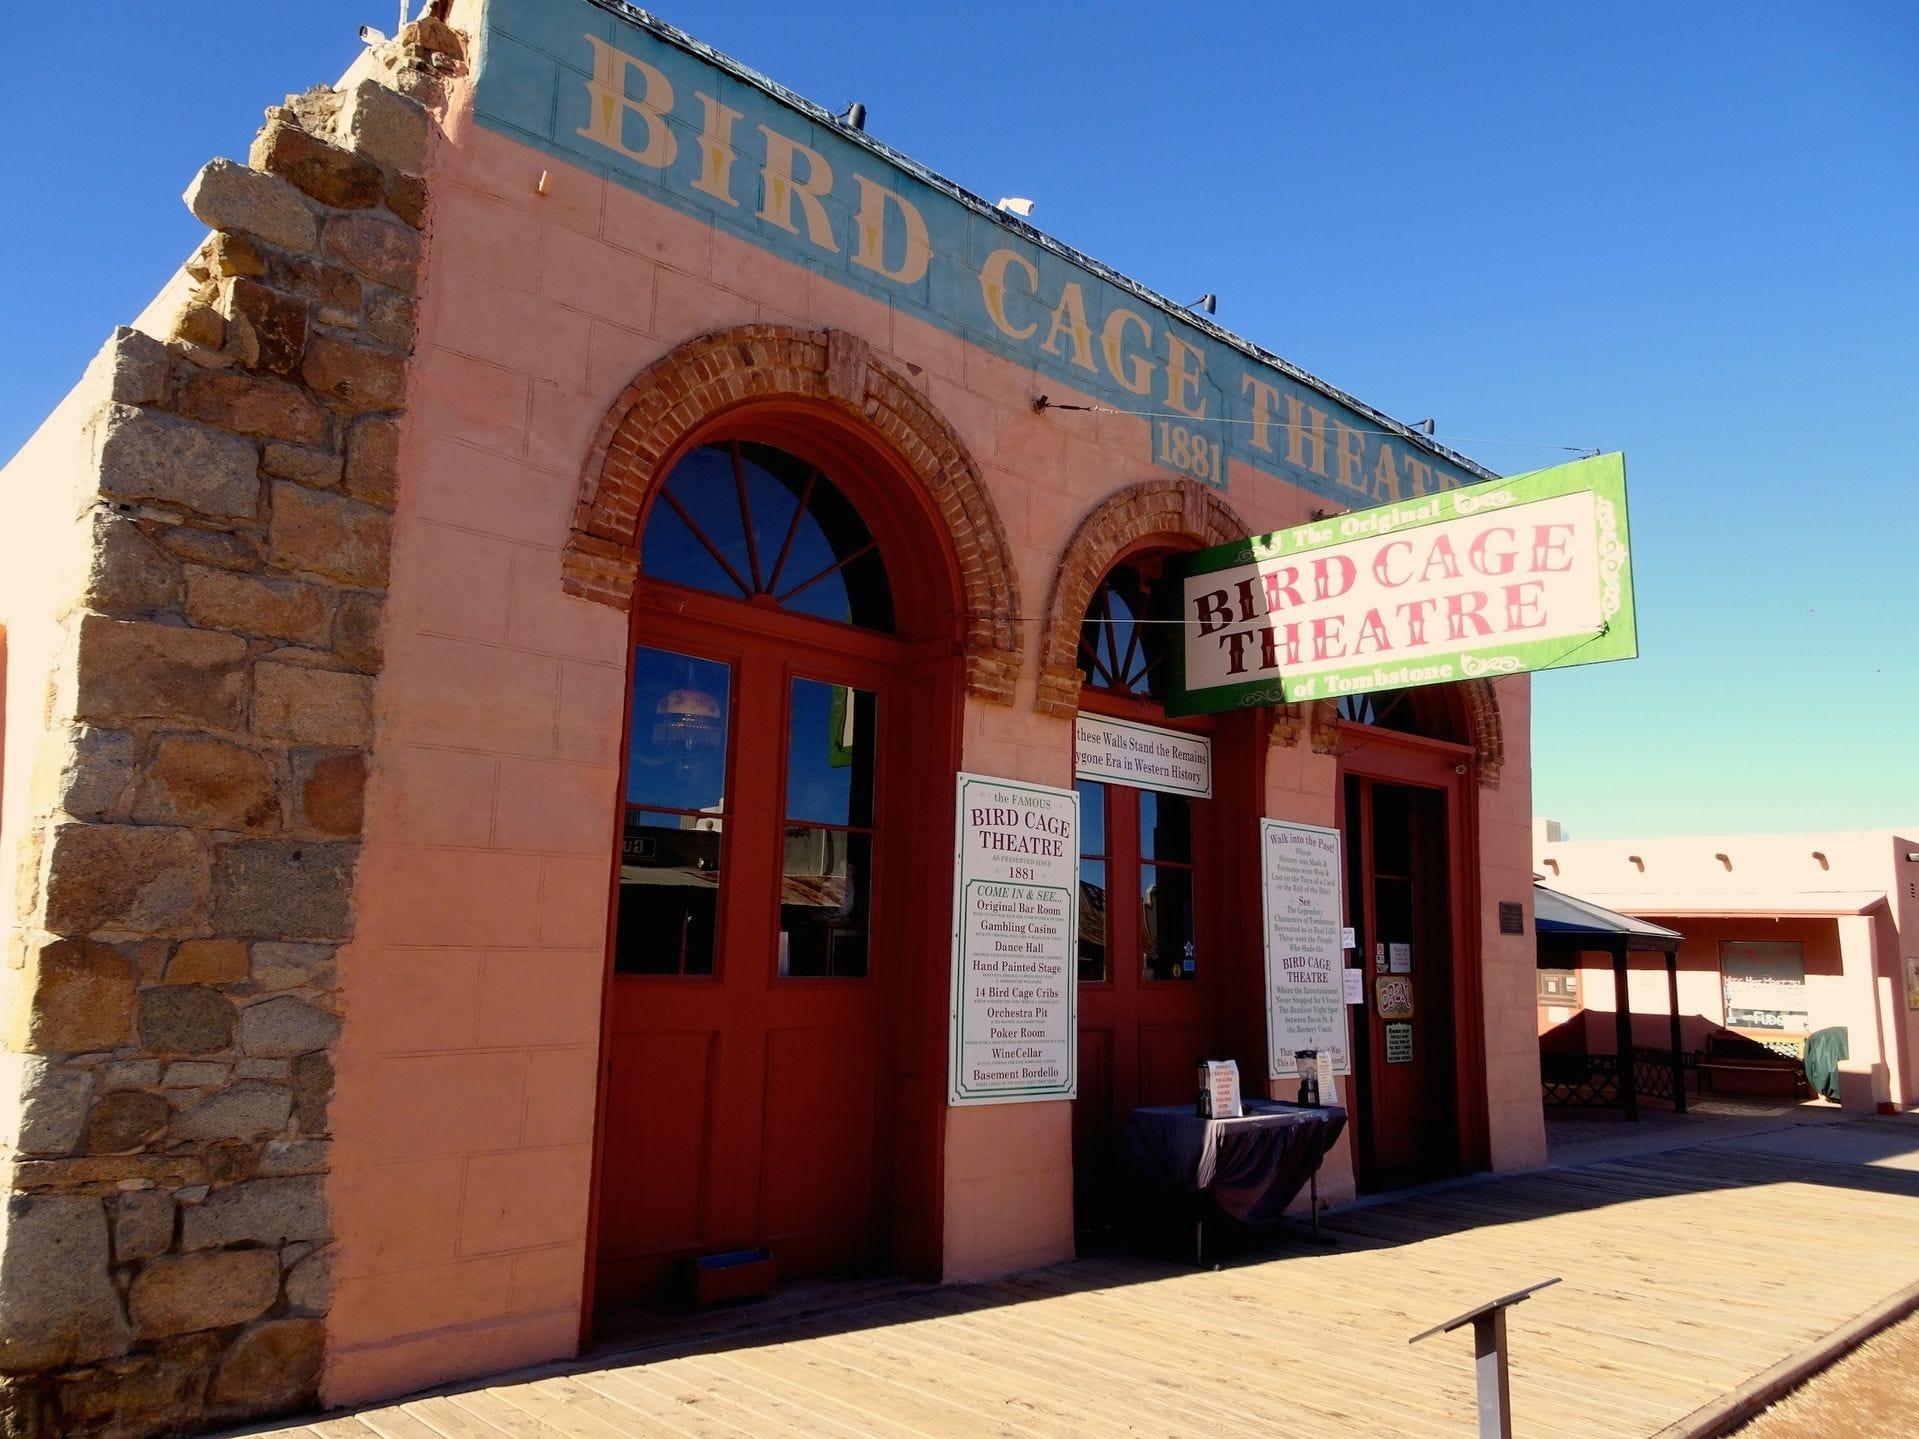 El Birdcage Theatre ofrece un paso atrás en el tiempo hacia la ruidosa historia de Tombstone.